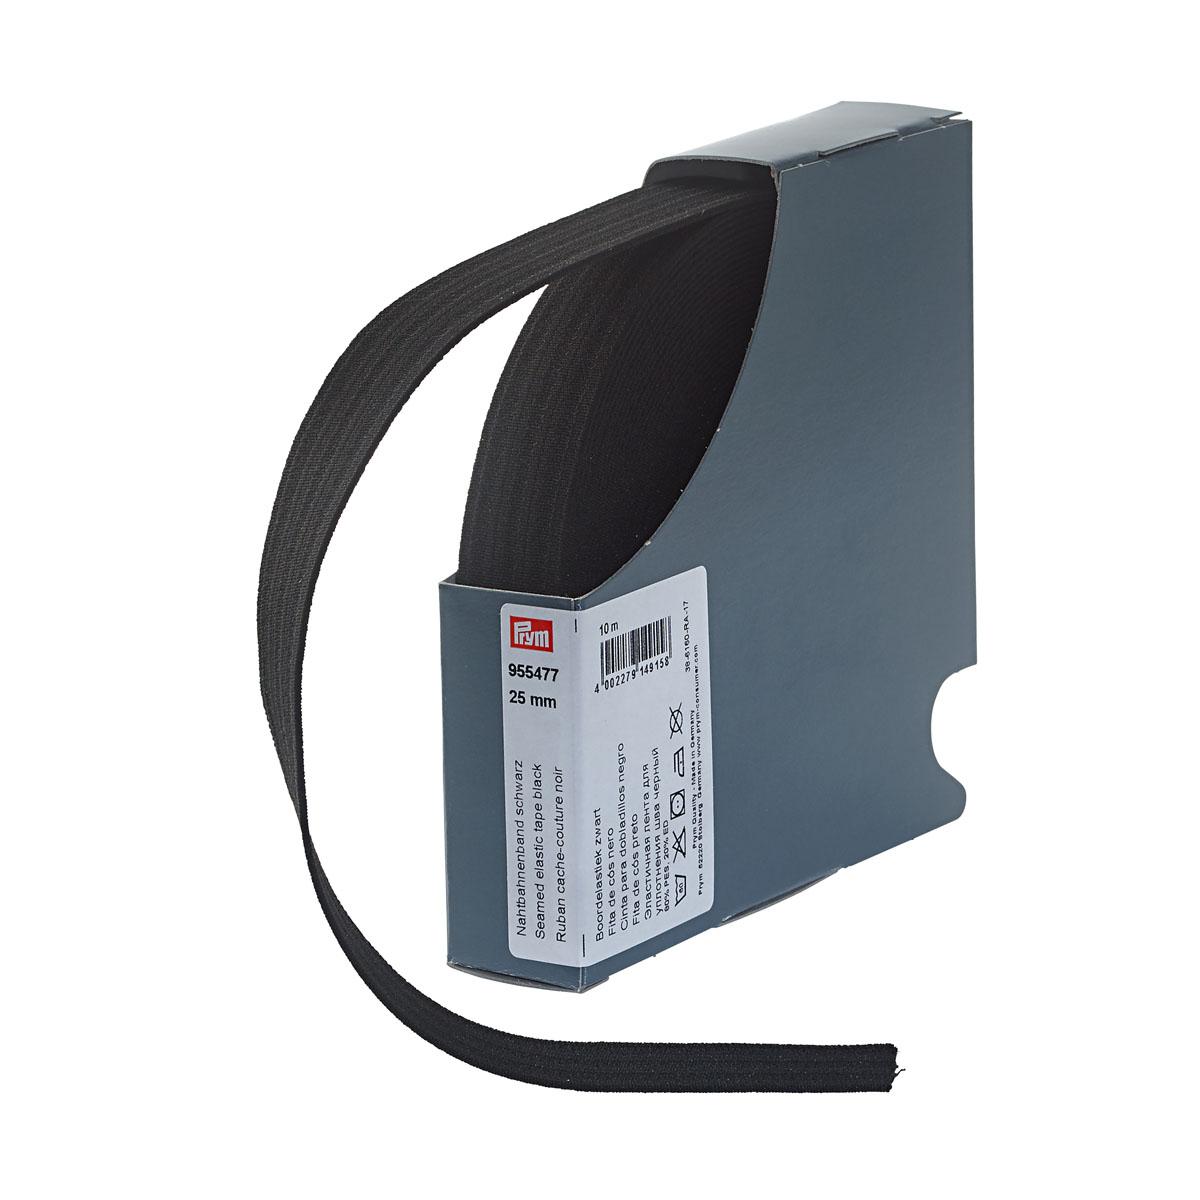 955477 Эластичная лента для уплотнения шва 25 мм 10м черный цв. Prym